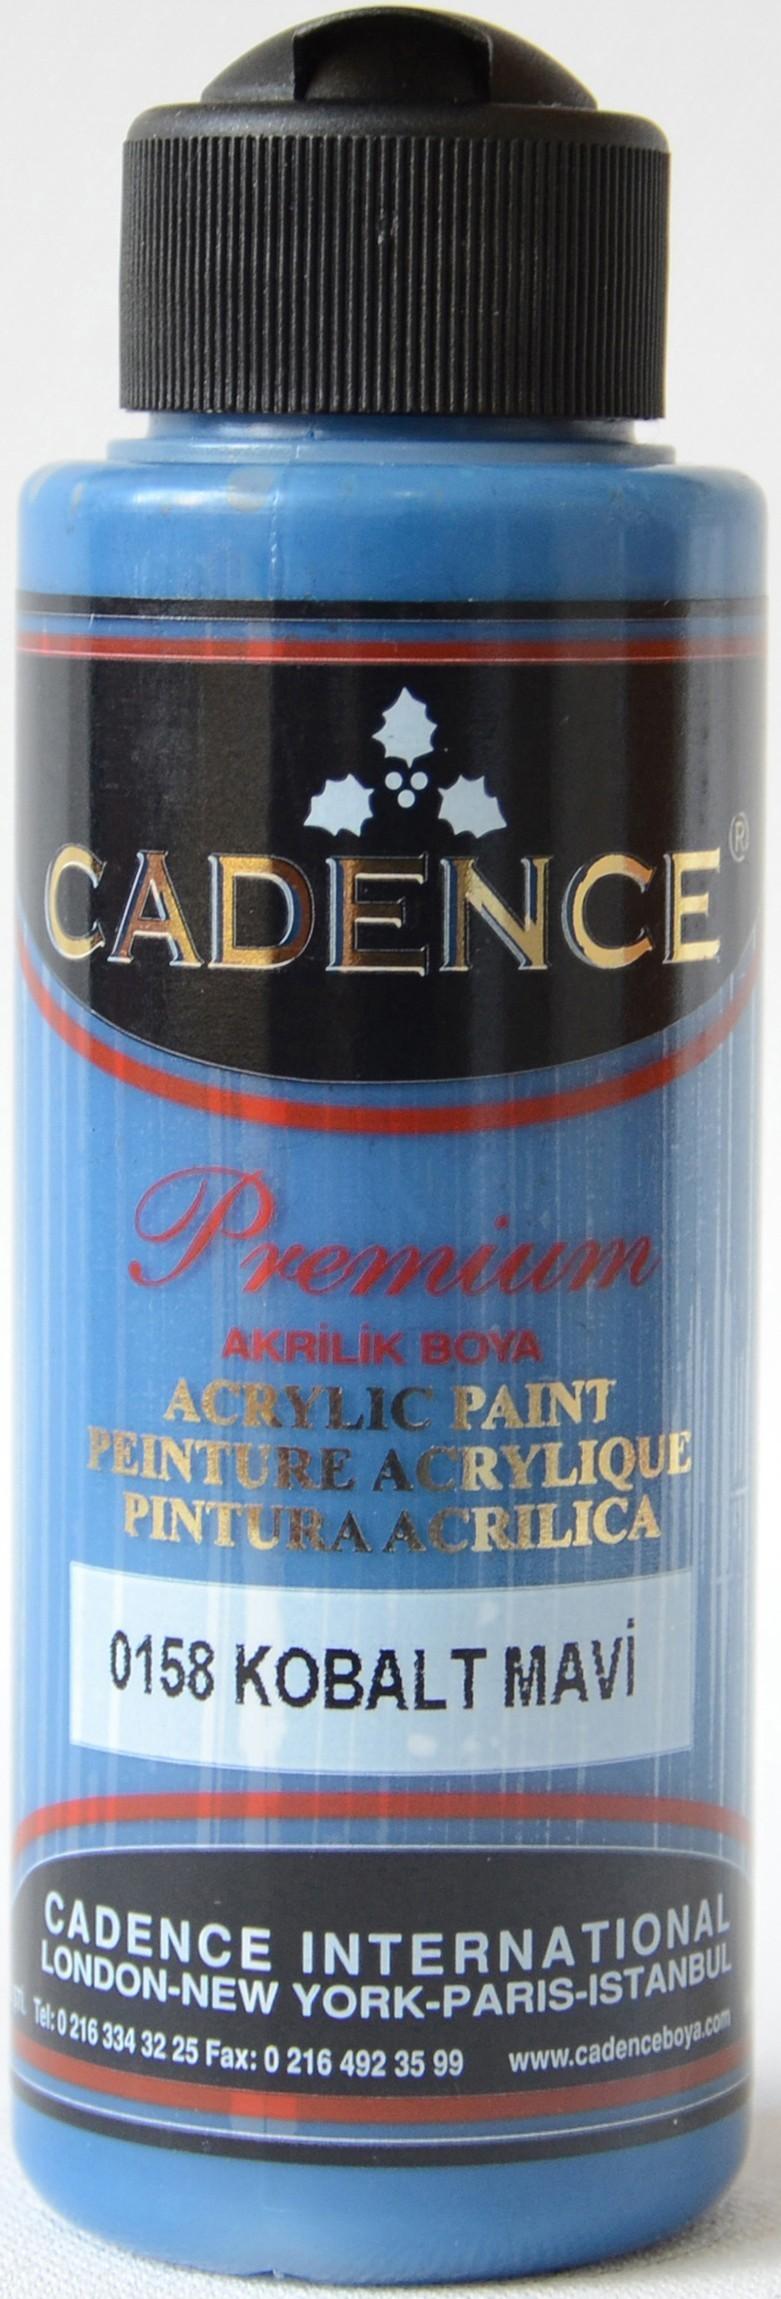 Cadence Akrilik Boya 120ML(cc) 0158 Kobalt Mavi renkleri